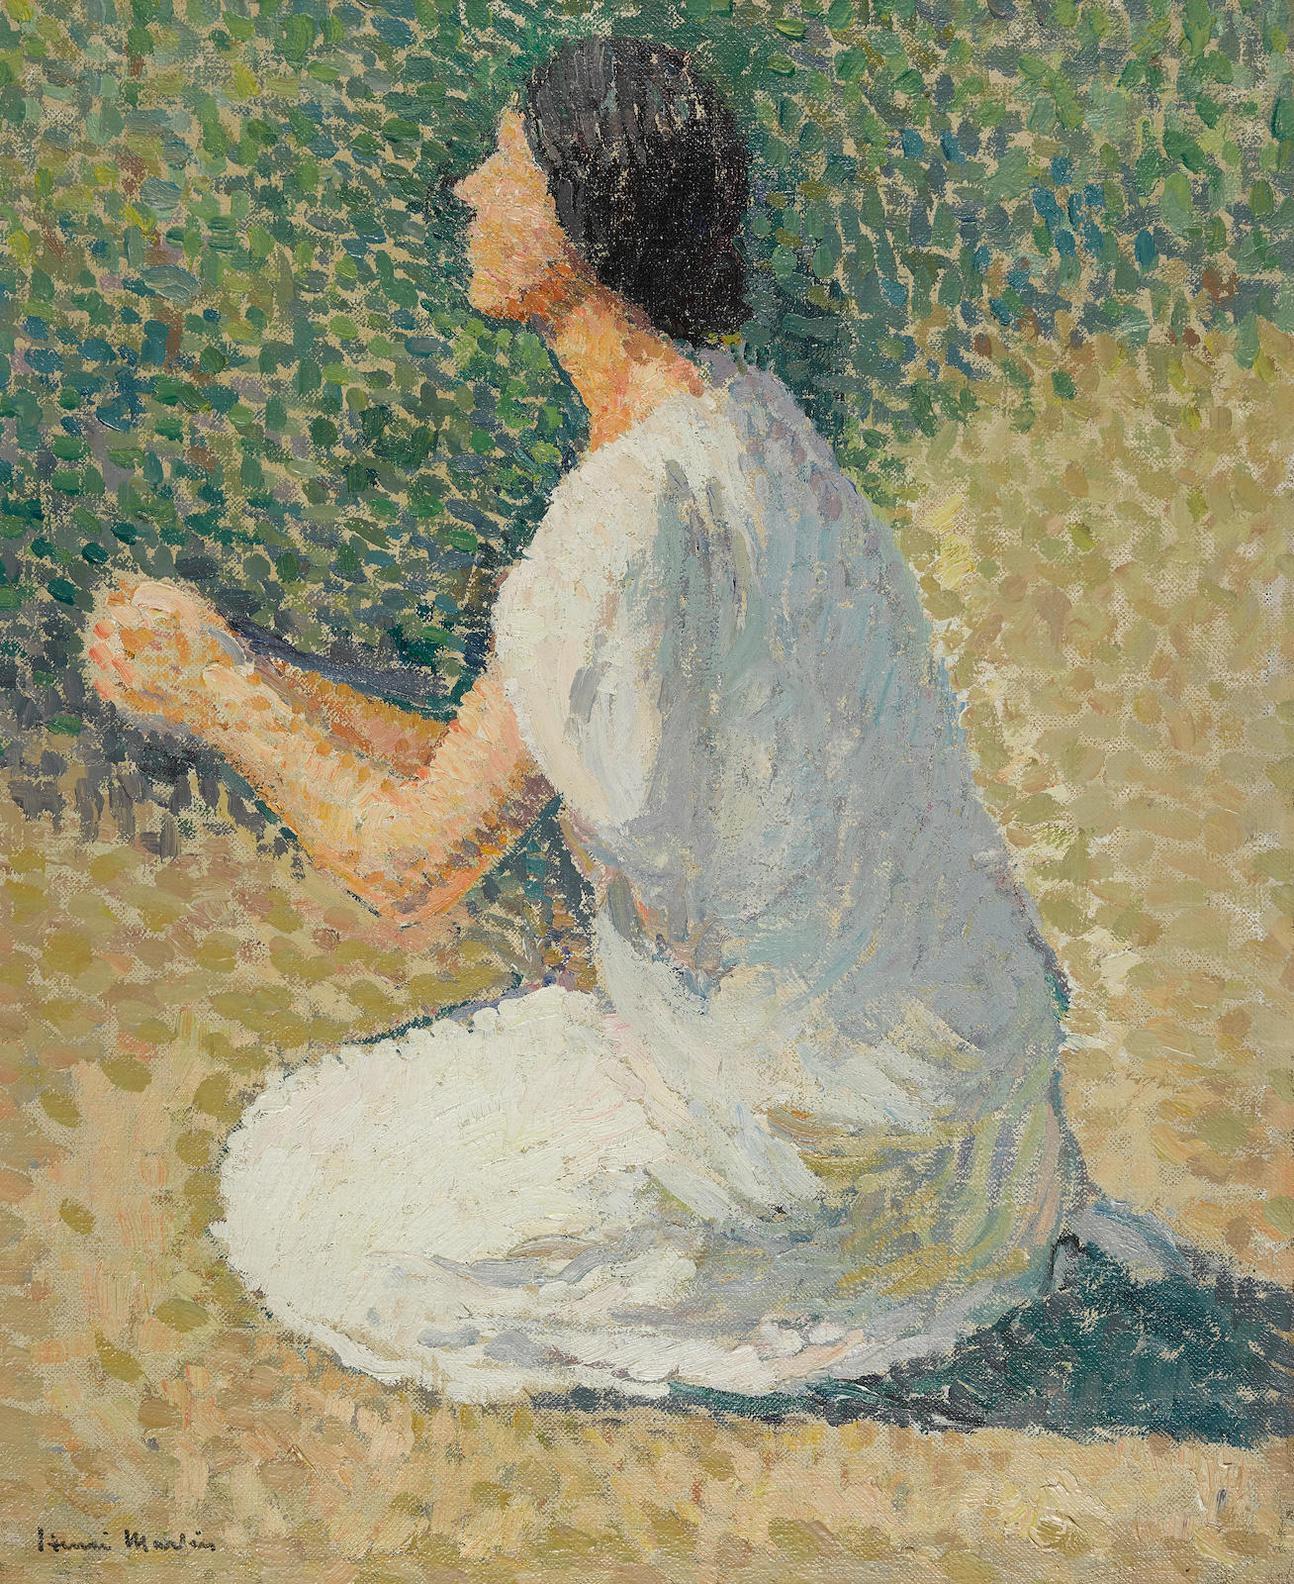 Henri-Jean Guillaume Martin - Jeune Femme Agenouillee, Etude Pour Le Triptyque Apollon Et Les Muses-1900